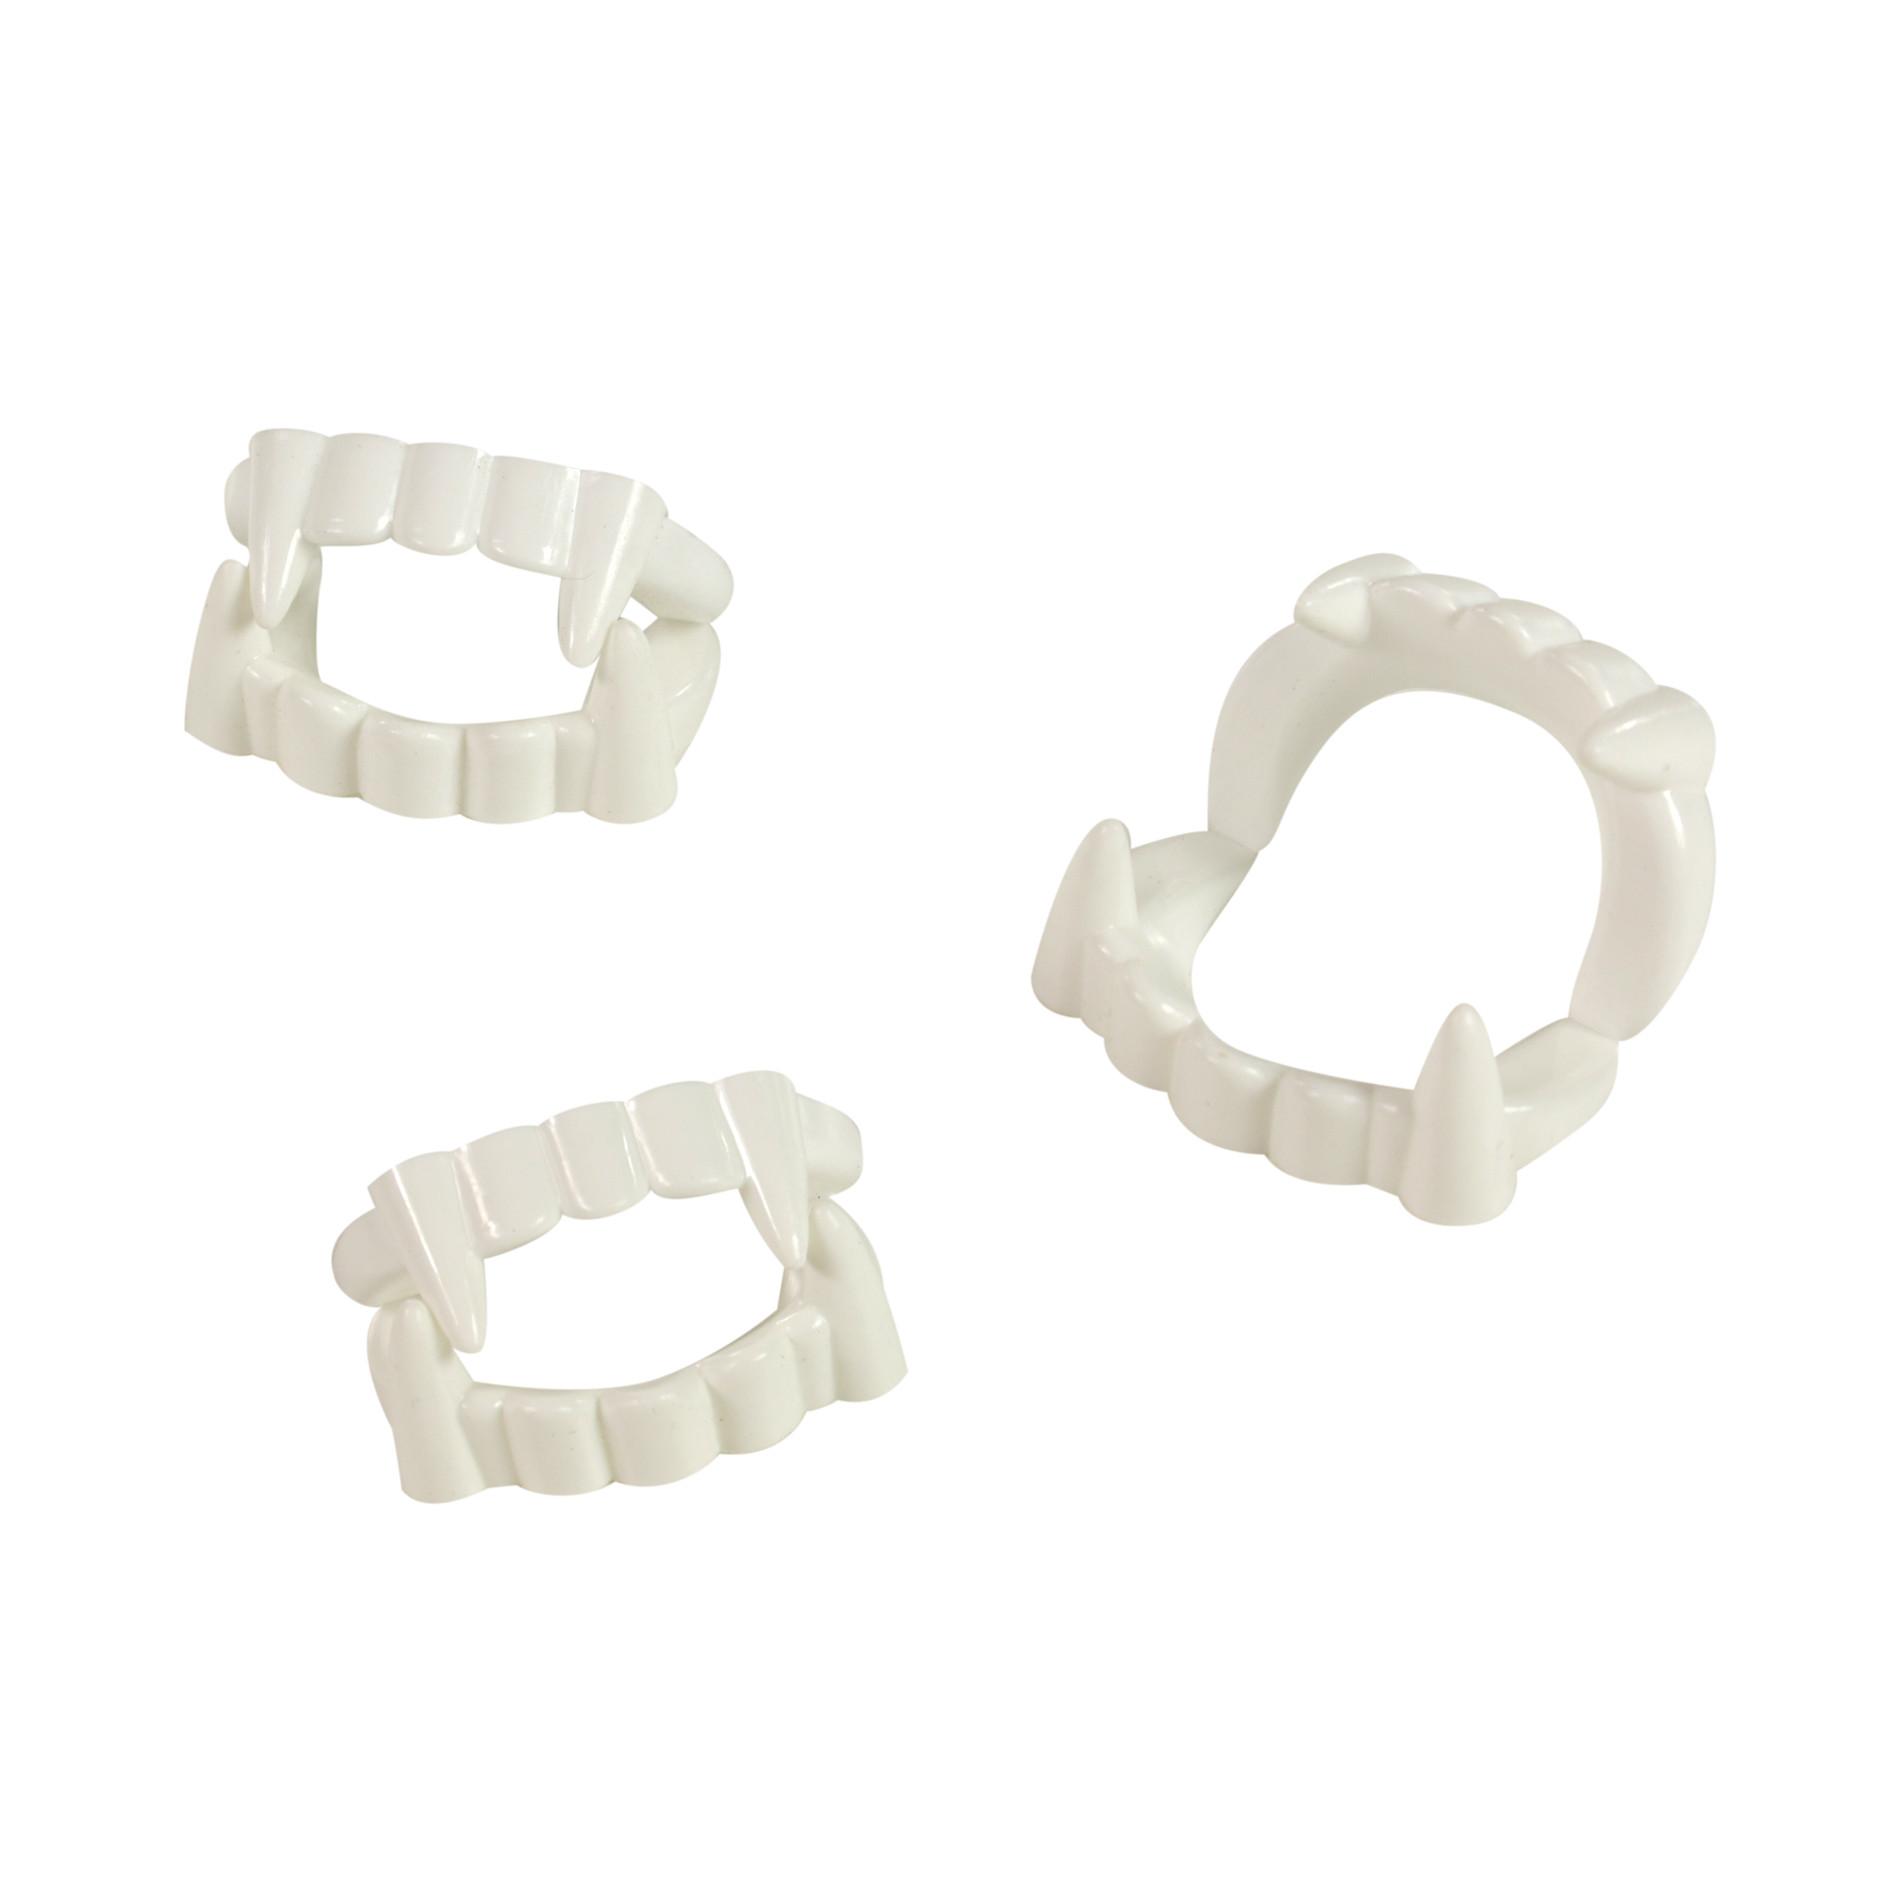 Zuby upíří karnevalové 3 ks v sáčku